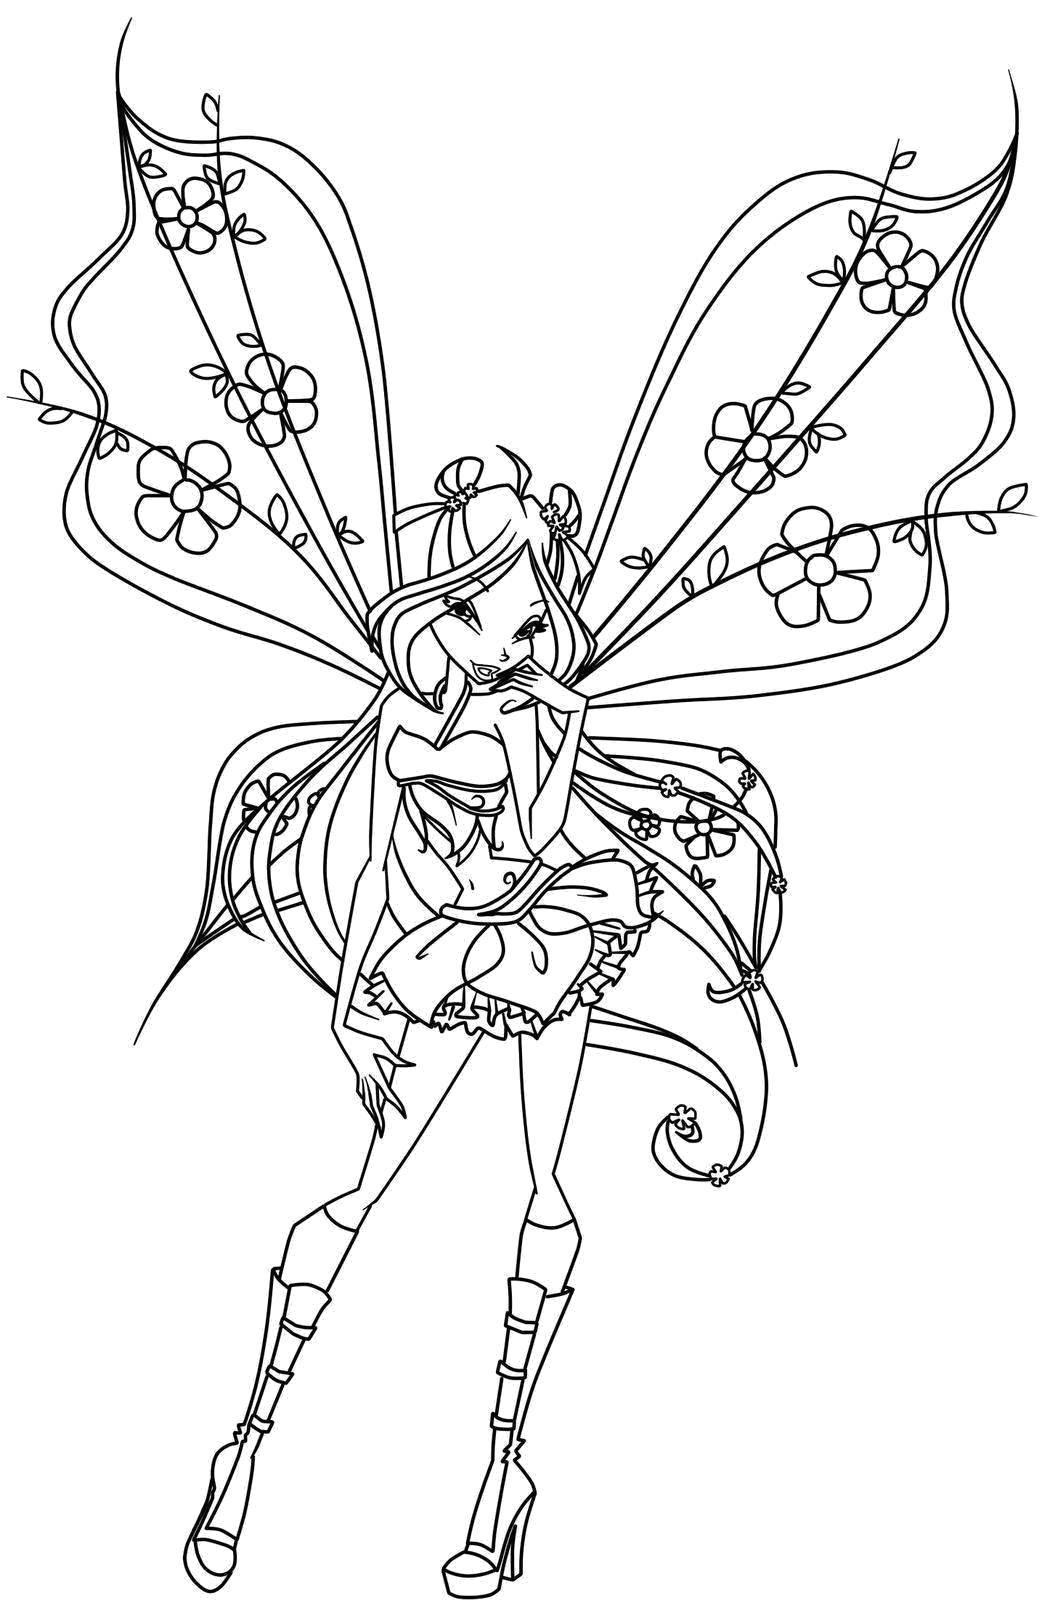 Название: Раскраска Флора и её цветочные крылышки. Категория: Винкс. Теги: Персонаж из мультфильма, Winx.